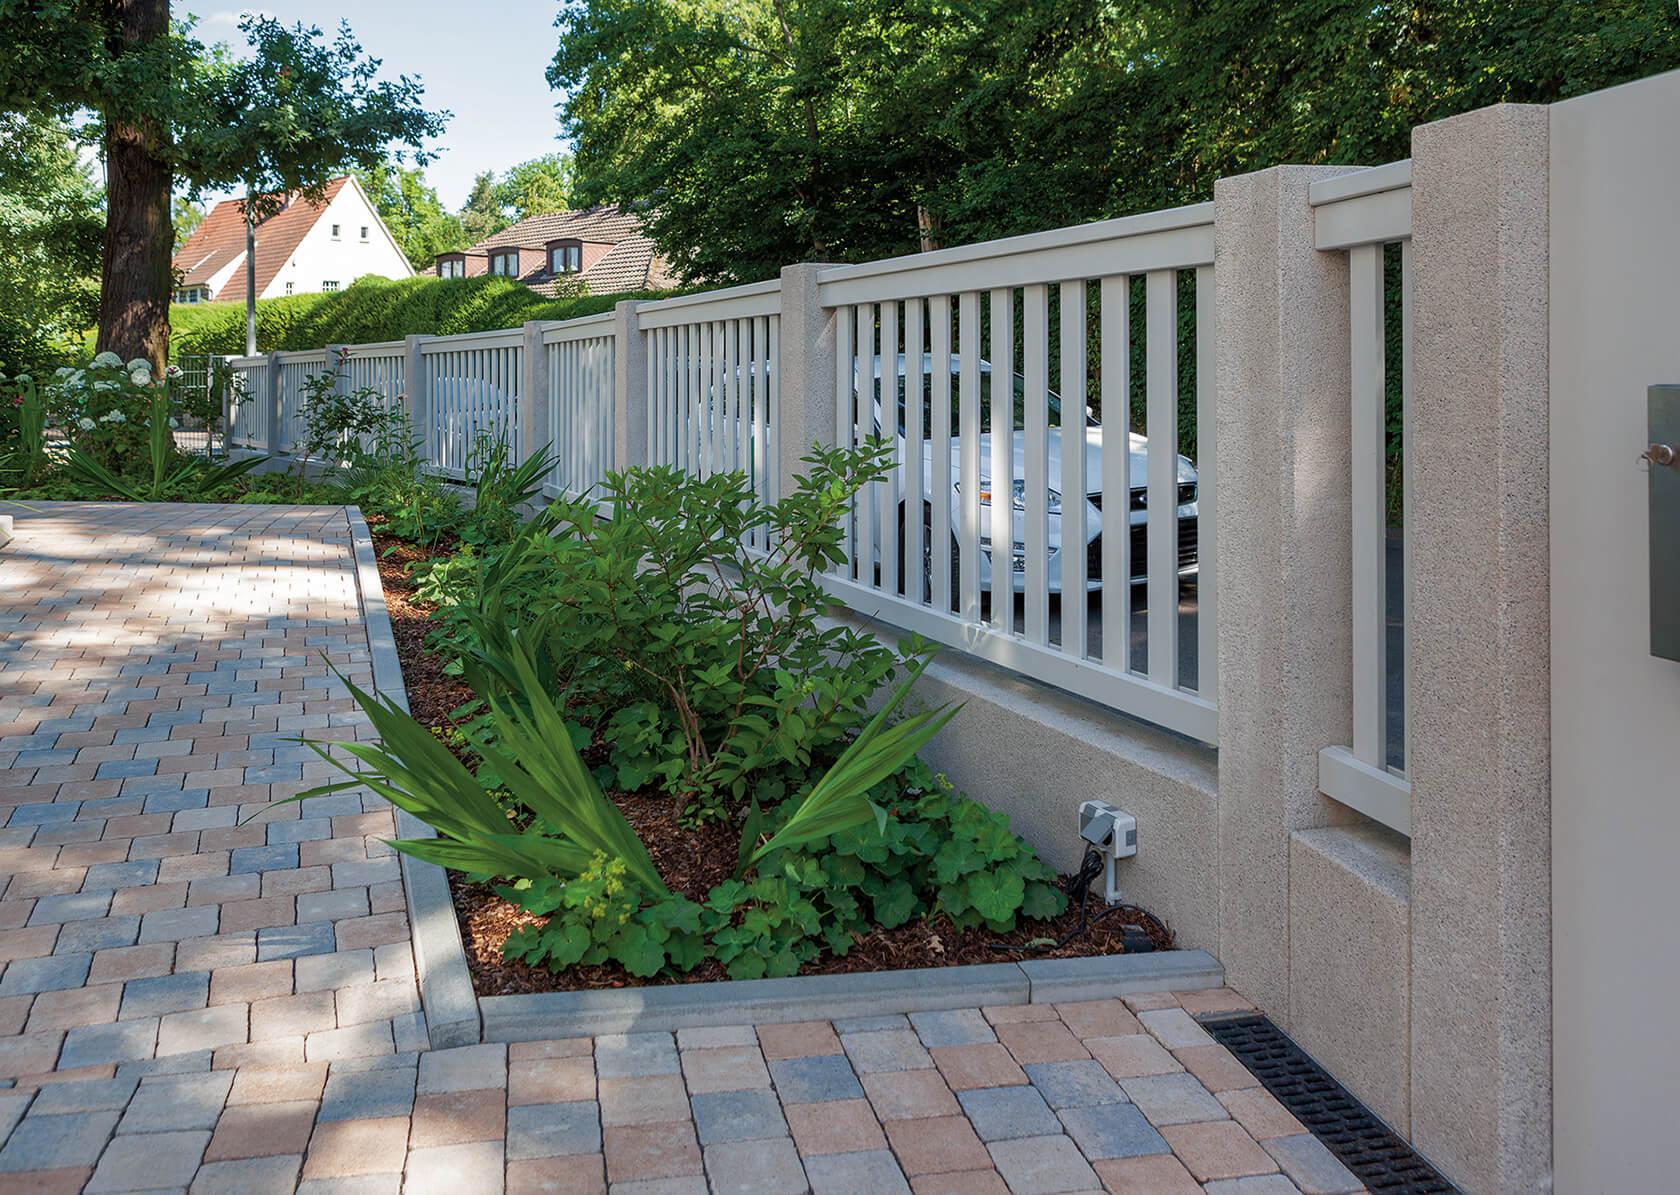 Maßangefertigte Betonpfeiler für den Zaun mit Metallstreben, der das Grundstück einfasst.